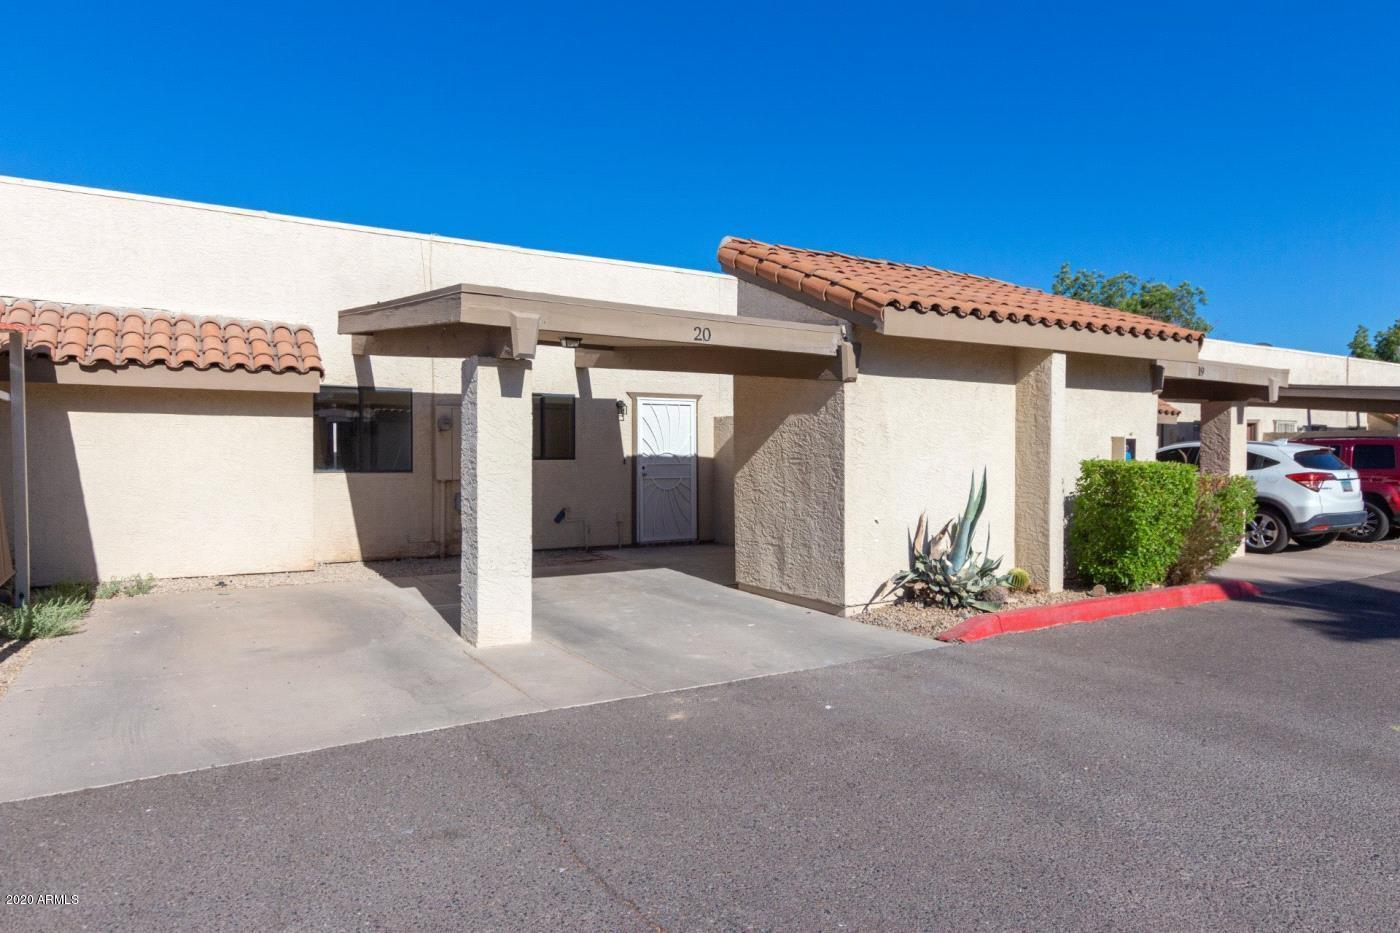 Photo of 2409 W CAMPBELL Avenue #20, Phoenix, AZ 85015